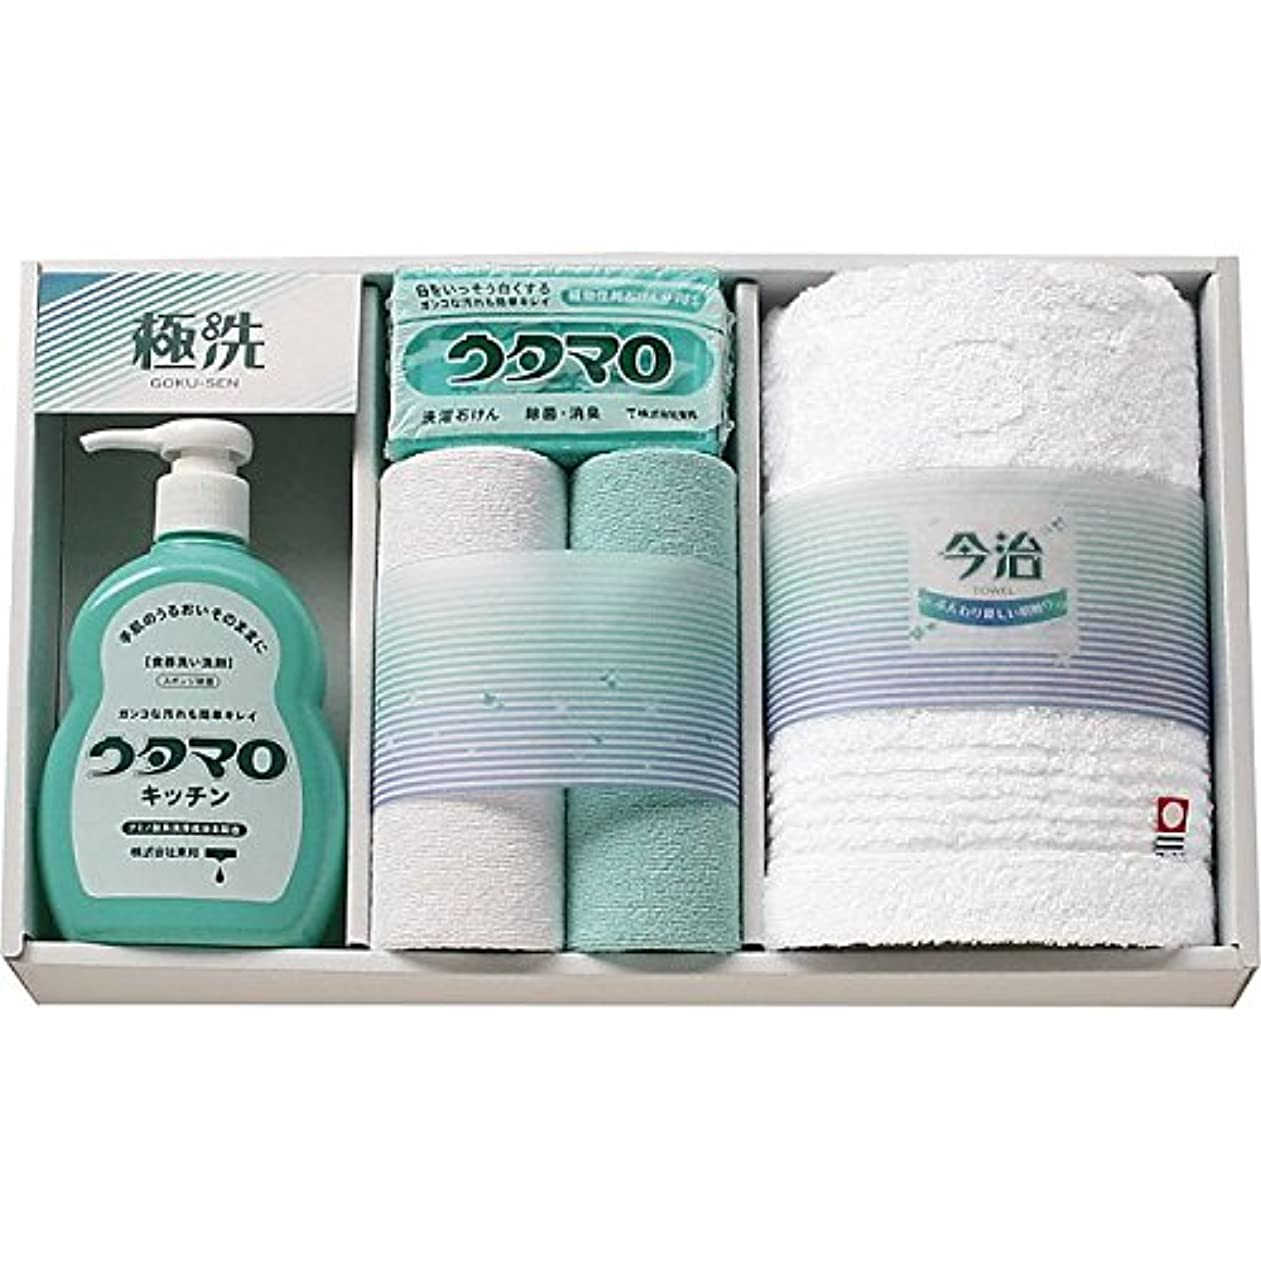 残高契約リボン( ウタマロ ) 石鹸?キッチン洗剤ギフト ( 835-1055r )